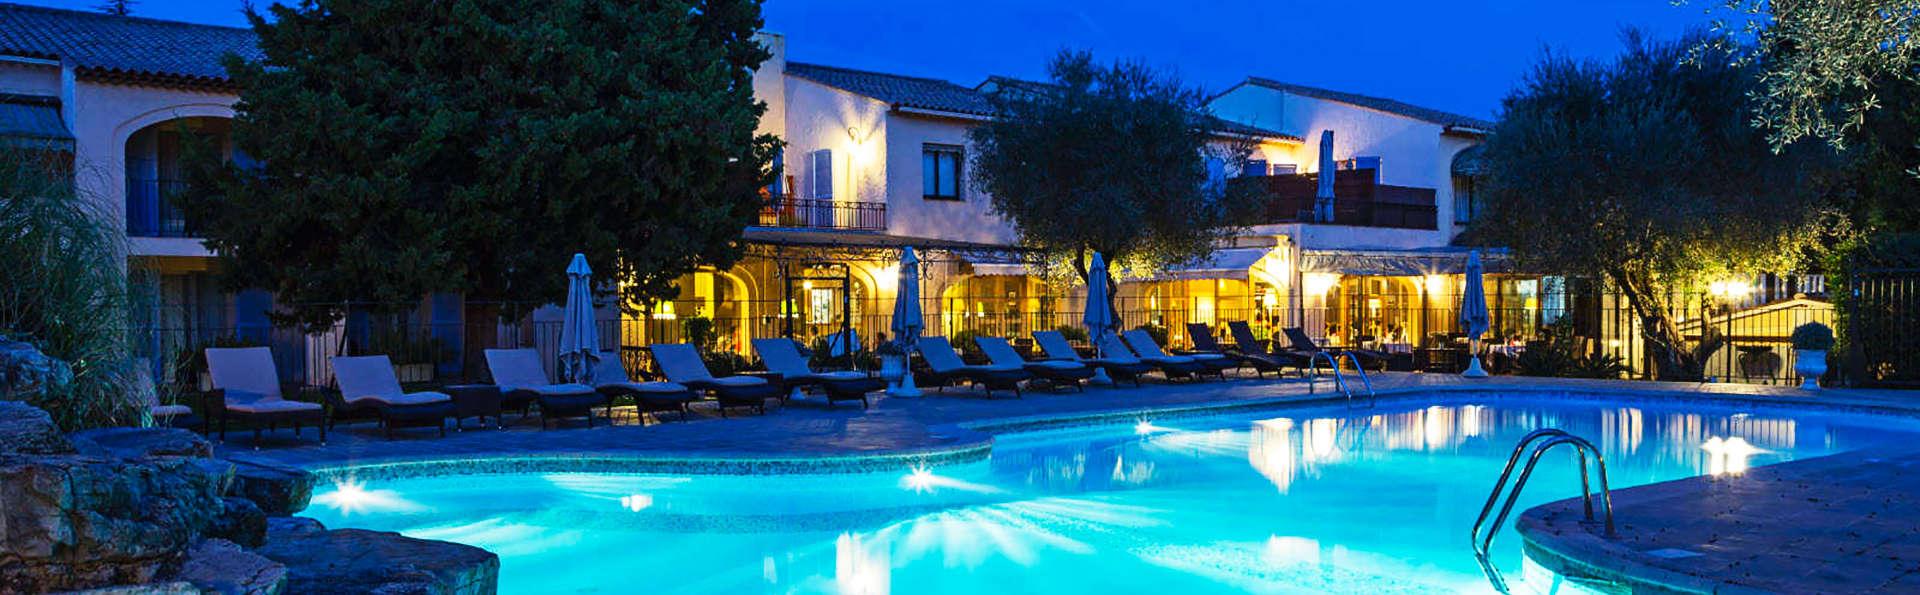 Week-end détente près de Cannes